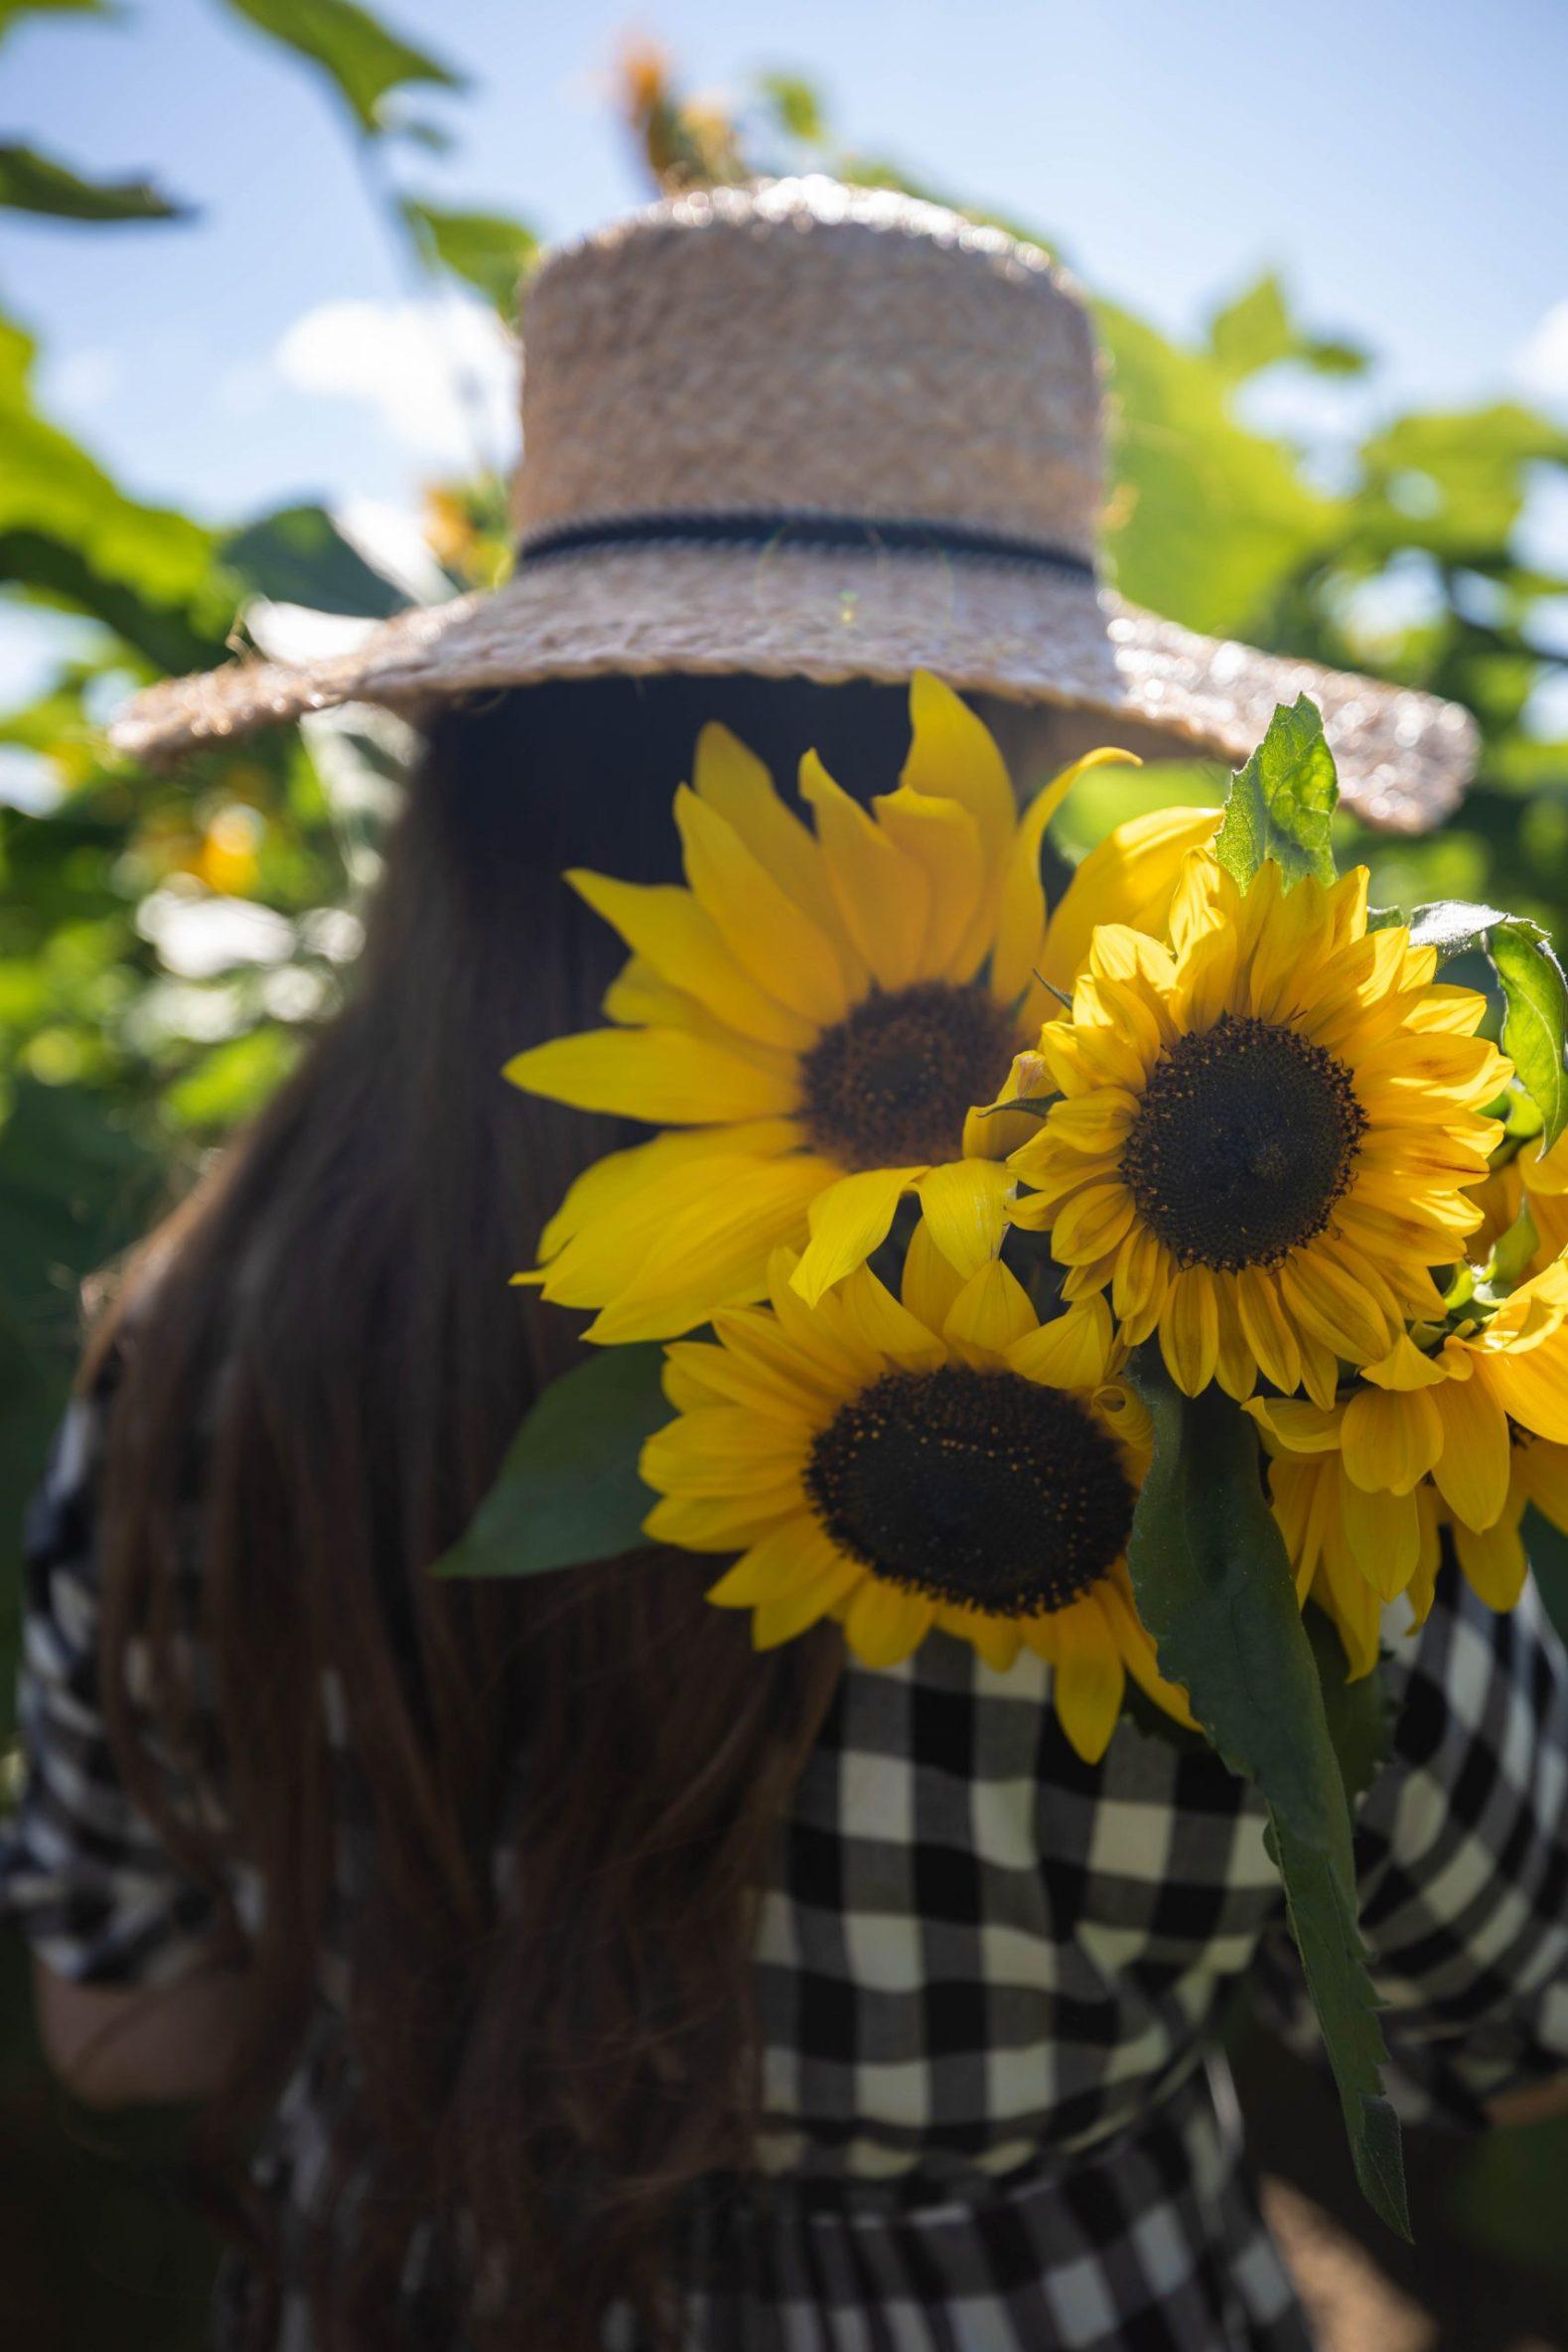 Sunflower Fields at DeBucks Sunflower U-Pick Farm in Belleville, Michigan Photographed by Annie Fairfax